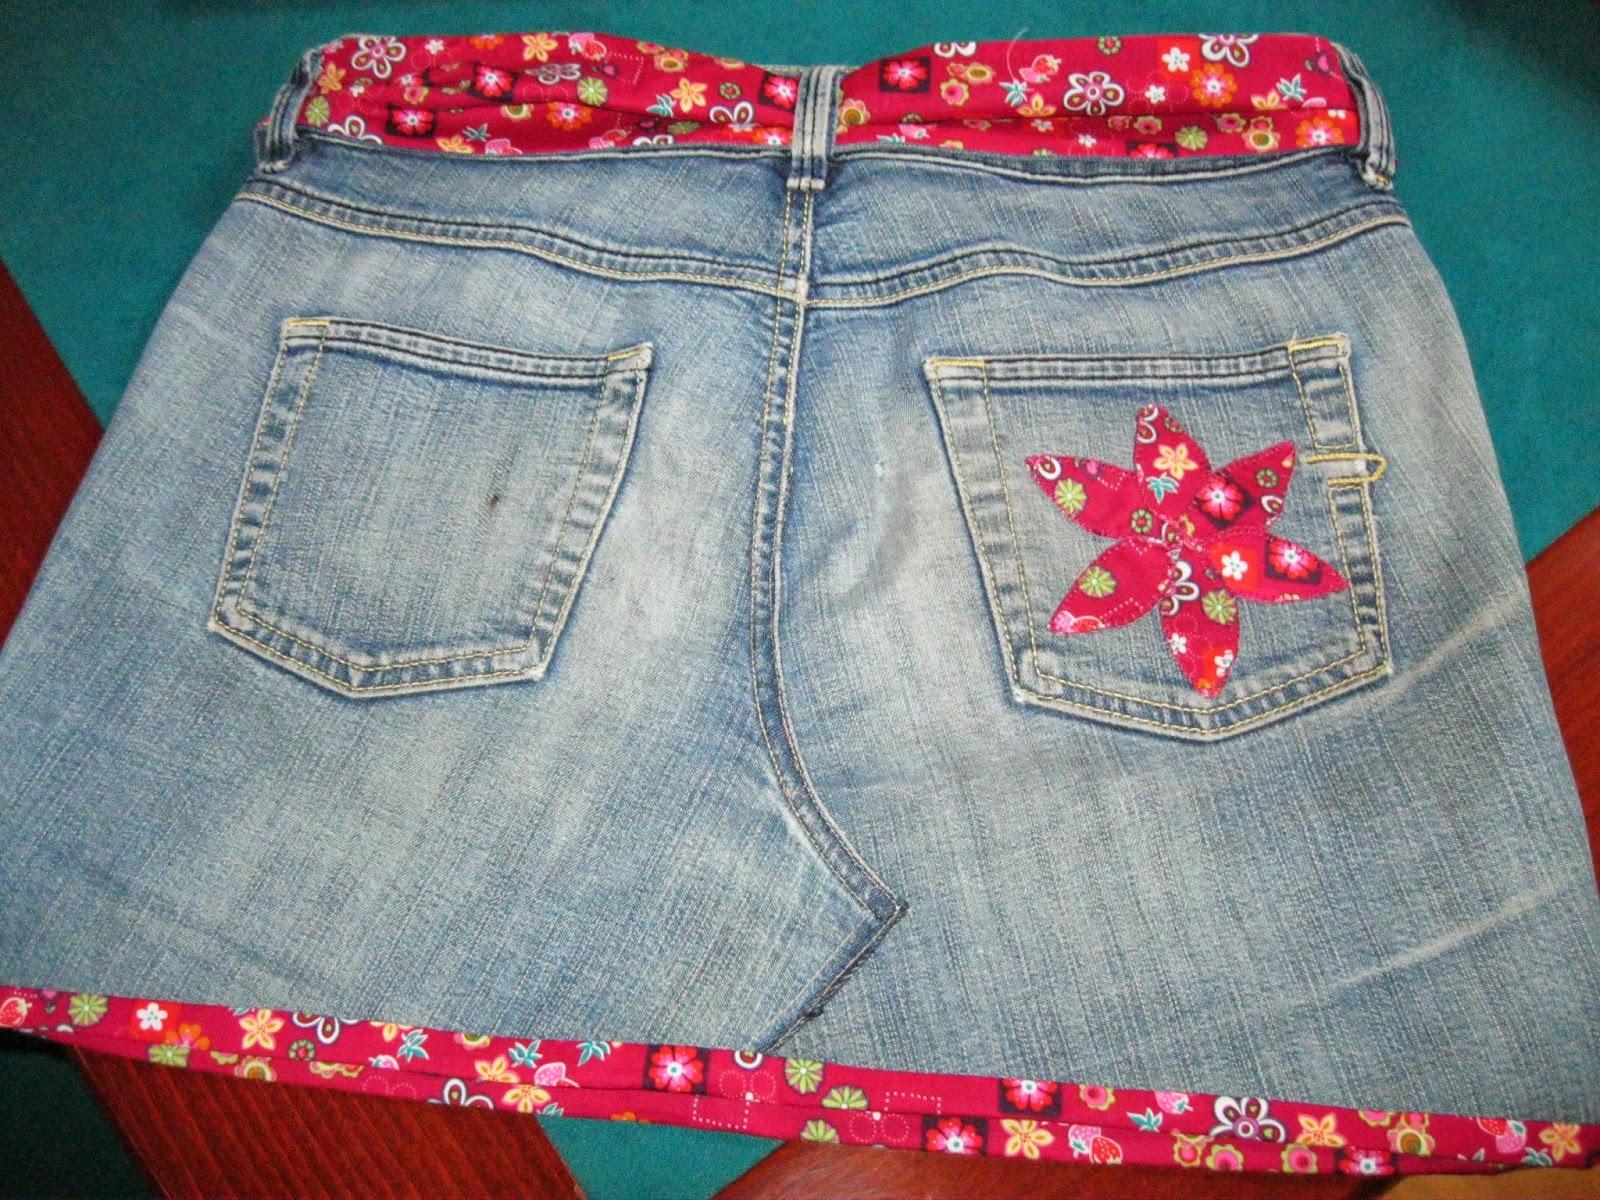 Las manualidades de charo reciclar la ropa - Reciclar ropa manualidades ...